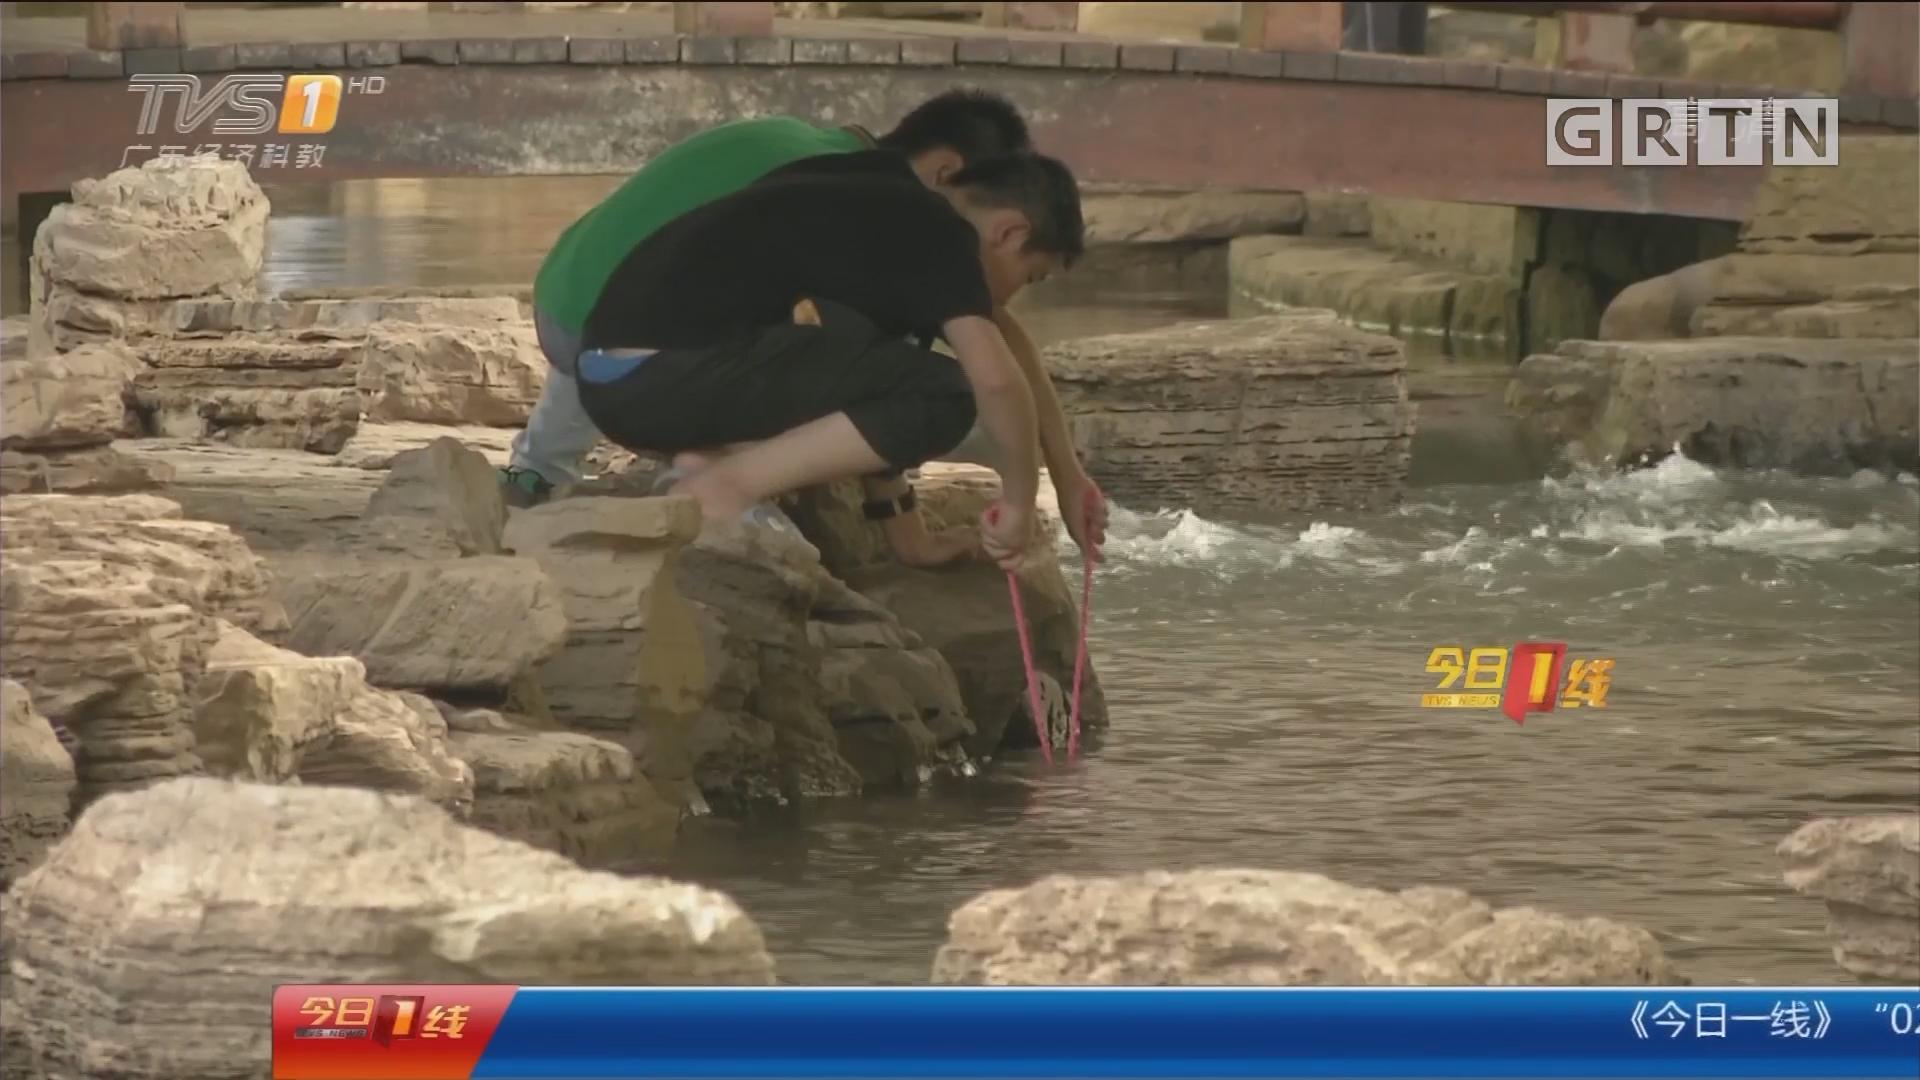 假期安全:玩水要小心 两月内广州已溺亡15人